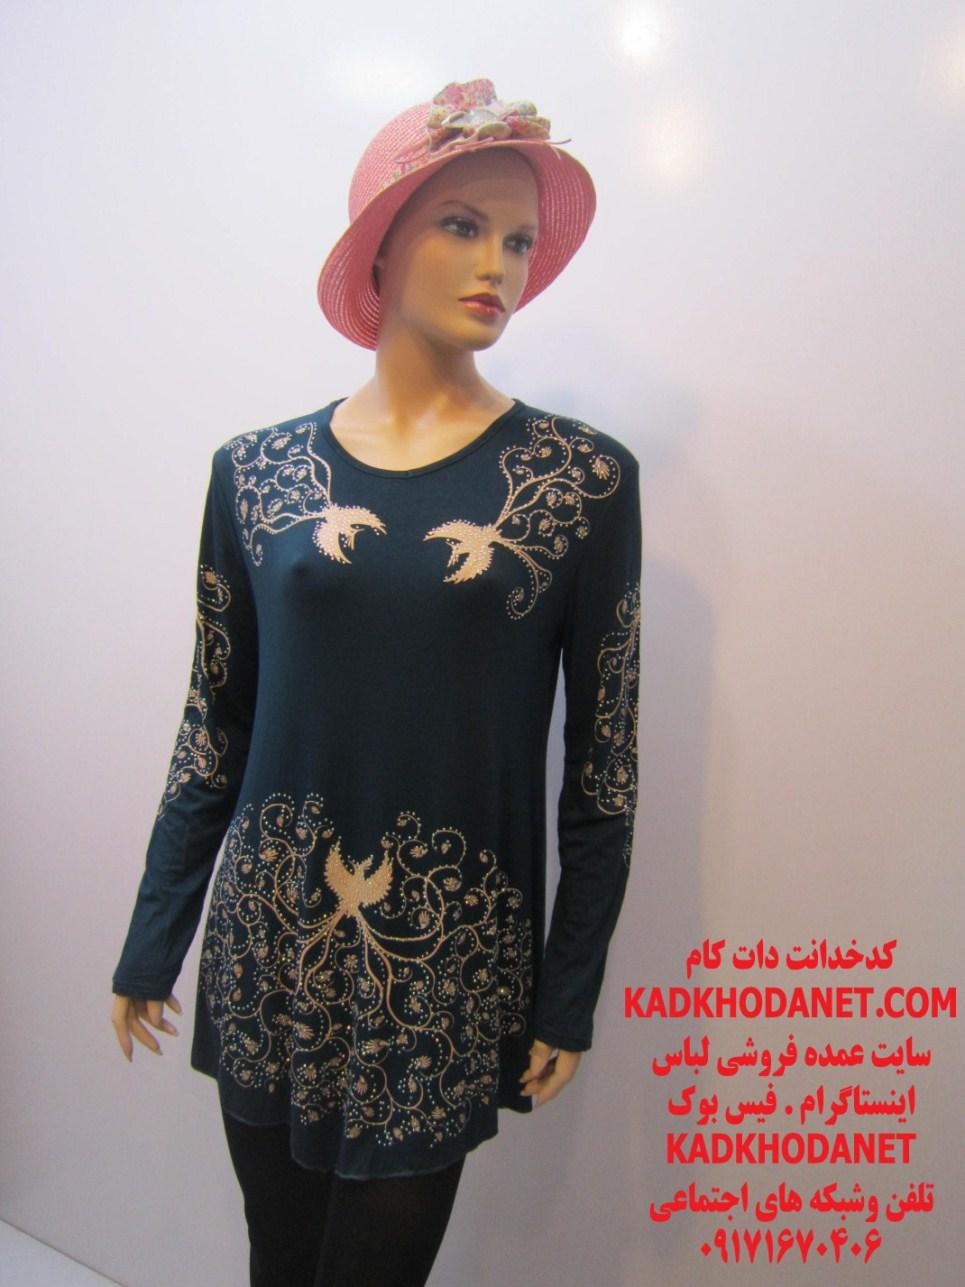 فروشگاه اینترنتی لباس زنانه قشم (2)